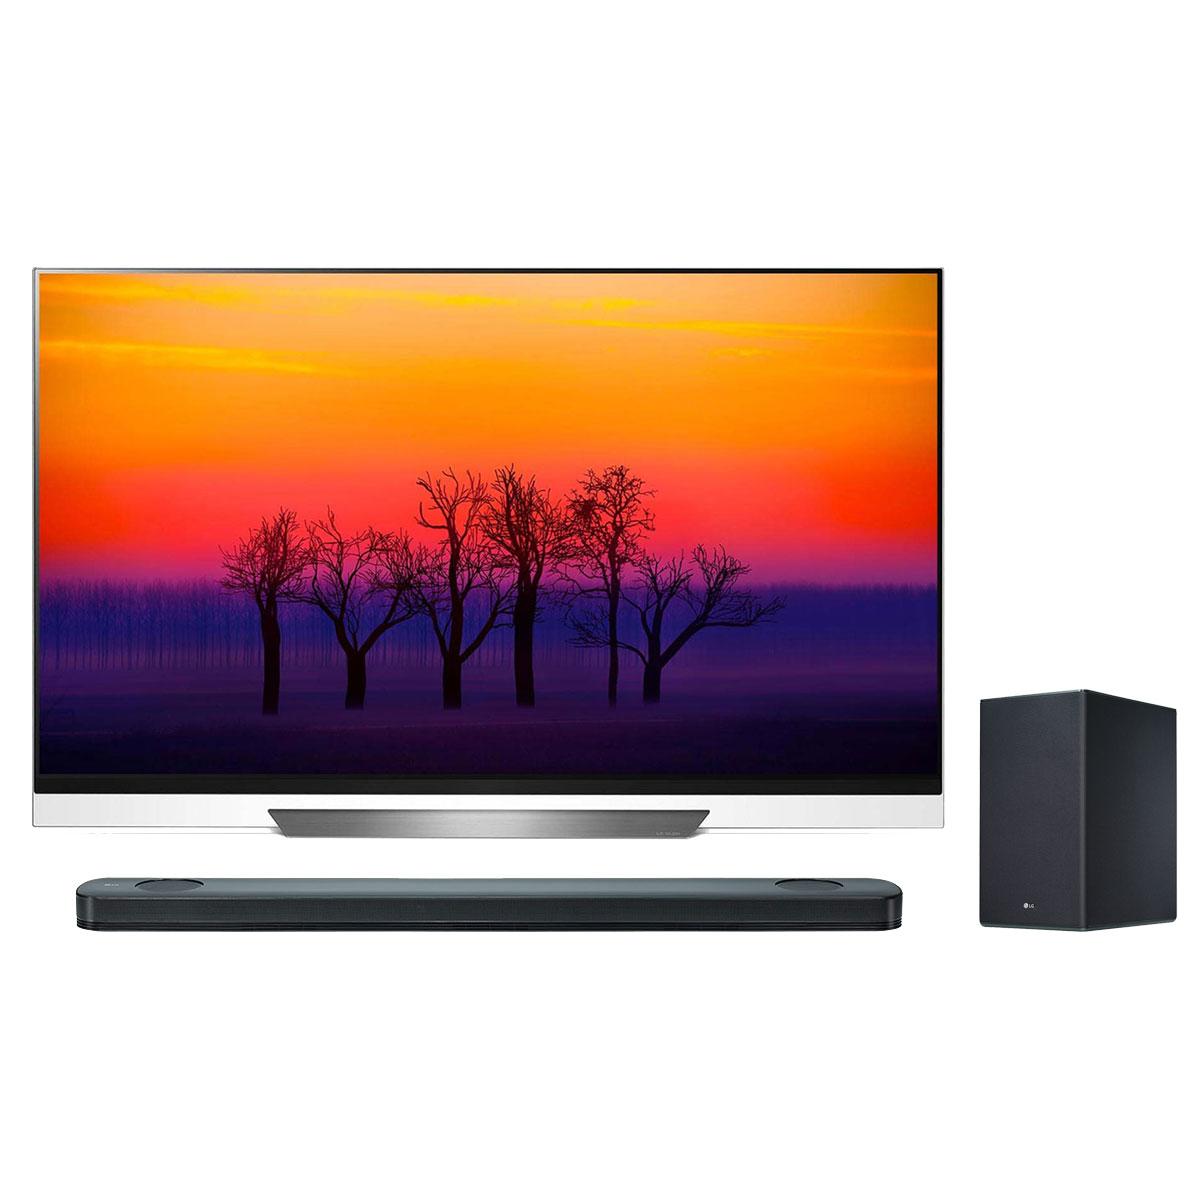 """TV LG OLED55E8 + LG SK9Y Téléviseur OLED 4K 55"""" (140 cm) 16/9 - 3840 x 2160 pixels - Ultra HD 2160p - HDR - Wi-Fi - Bluetooth - Dolby Atmos (dalle native 100 Hz) + Barre de son 5.1.2 500 W - Caisson de basses sans fil"""